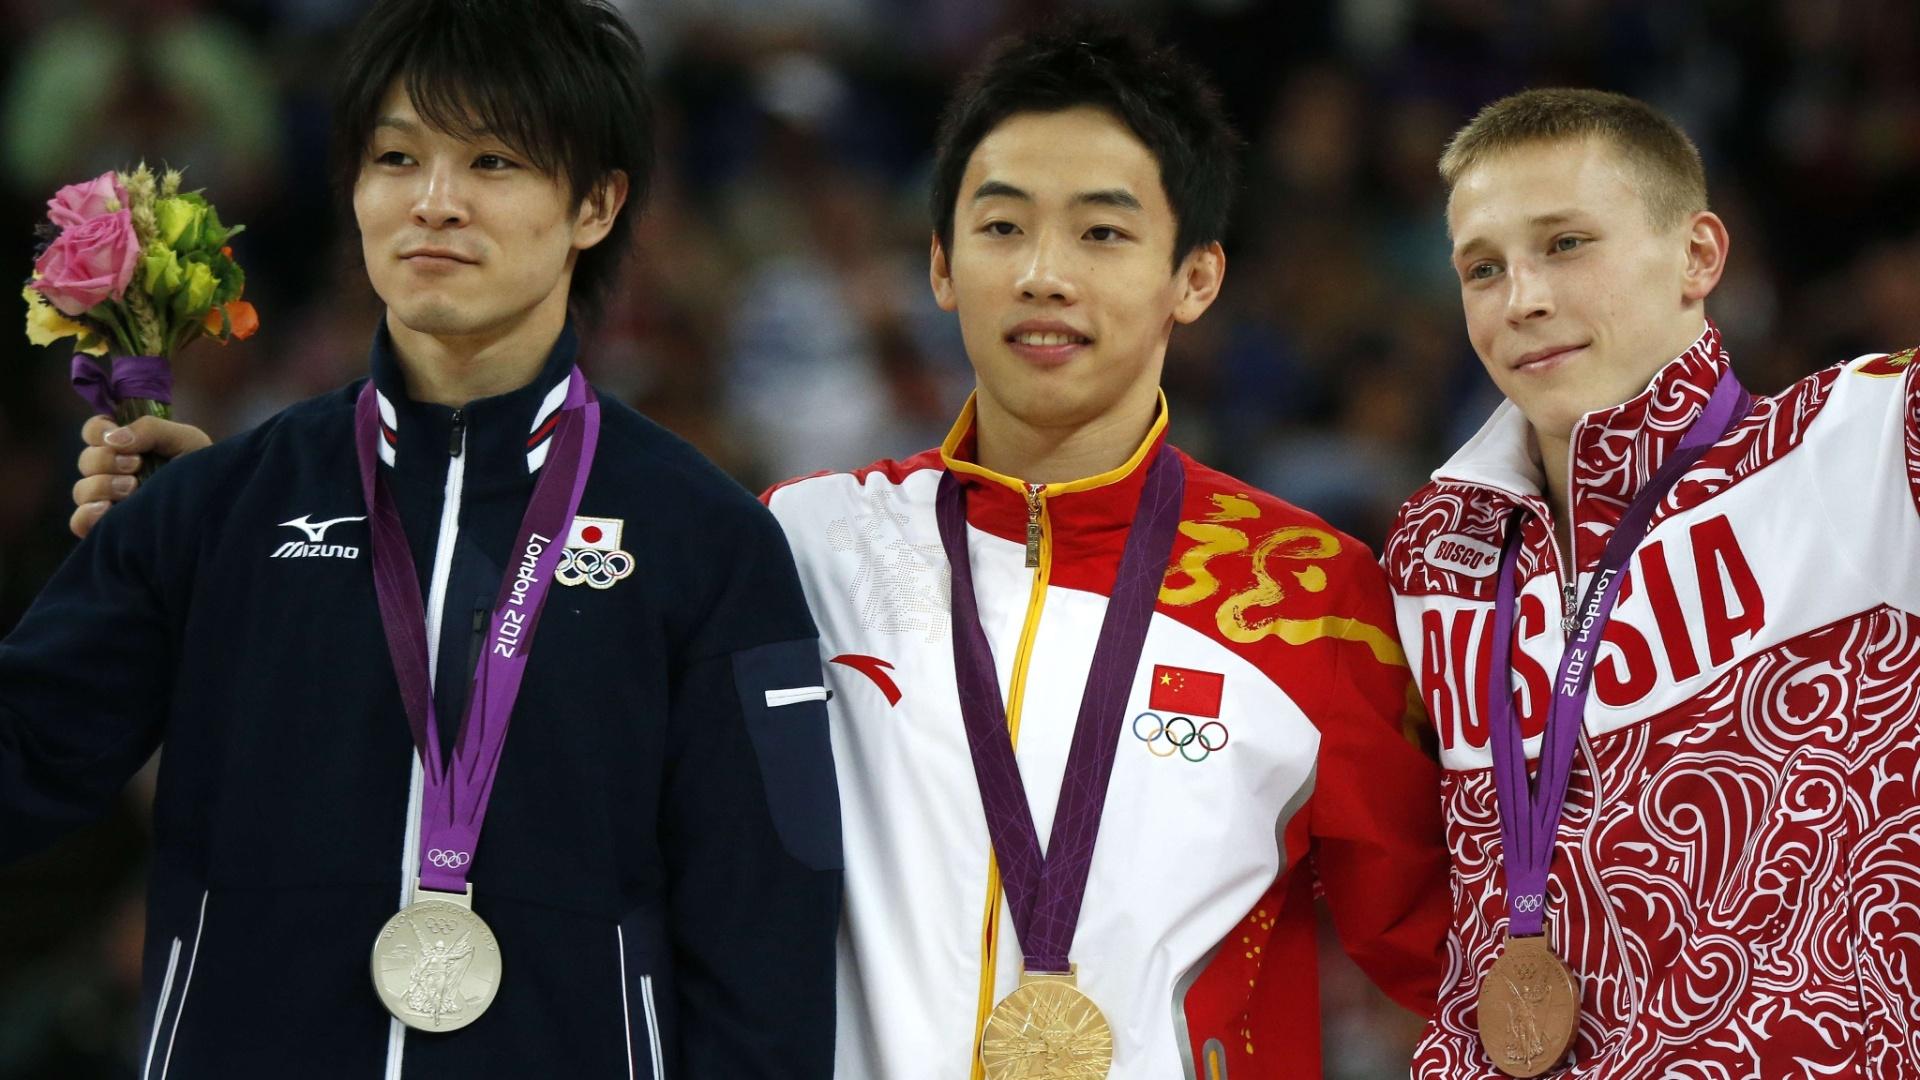 Pódio da final de solo da ginástica artística teve Kohei Uchimura (prata), Zou Kai (ouro) e Denis Ablyazin (bronze)